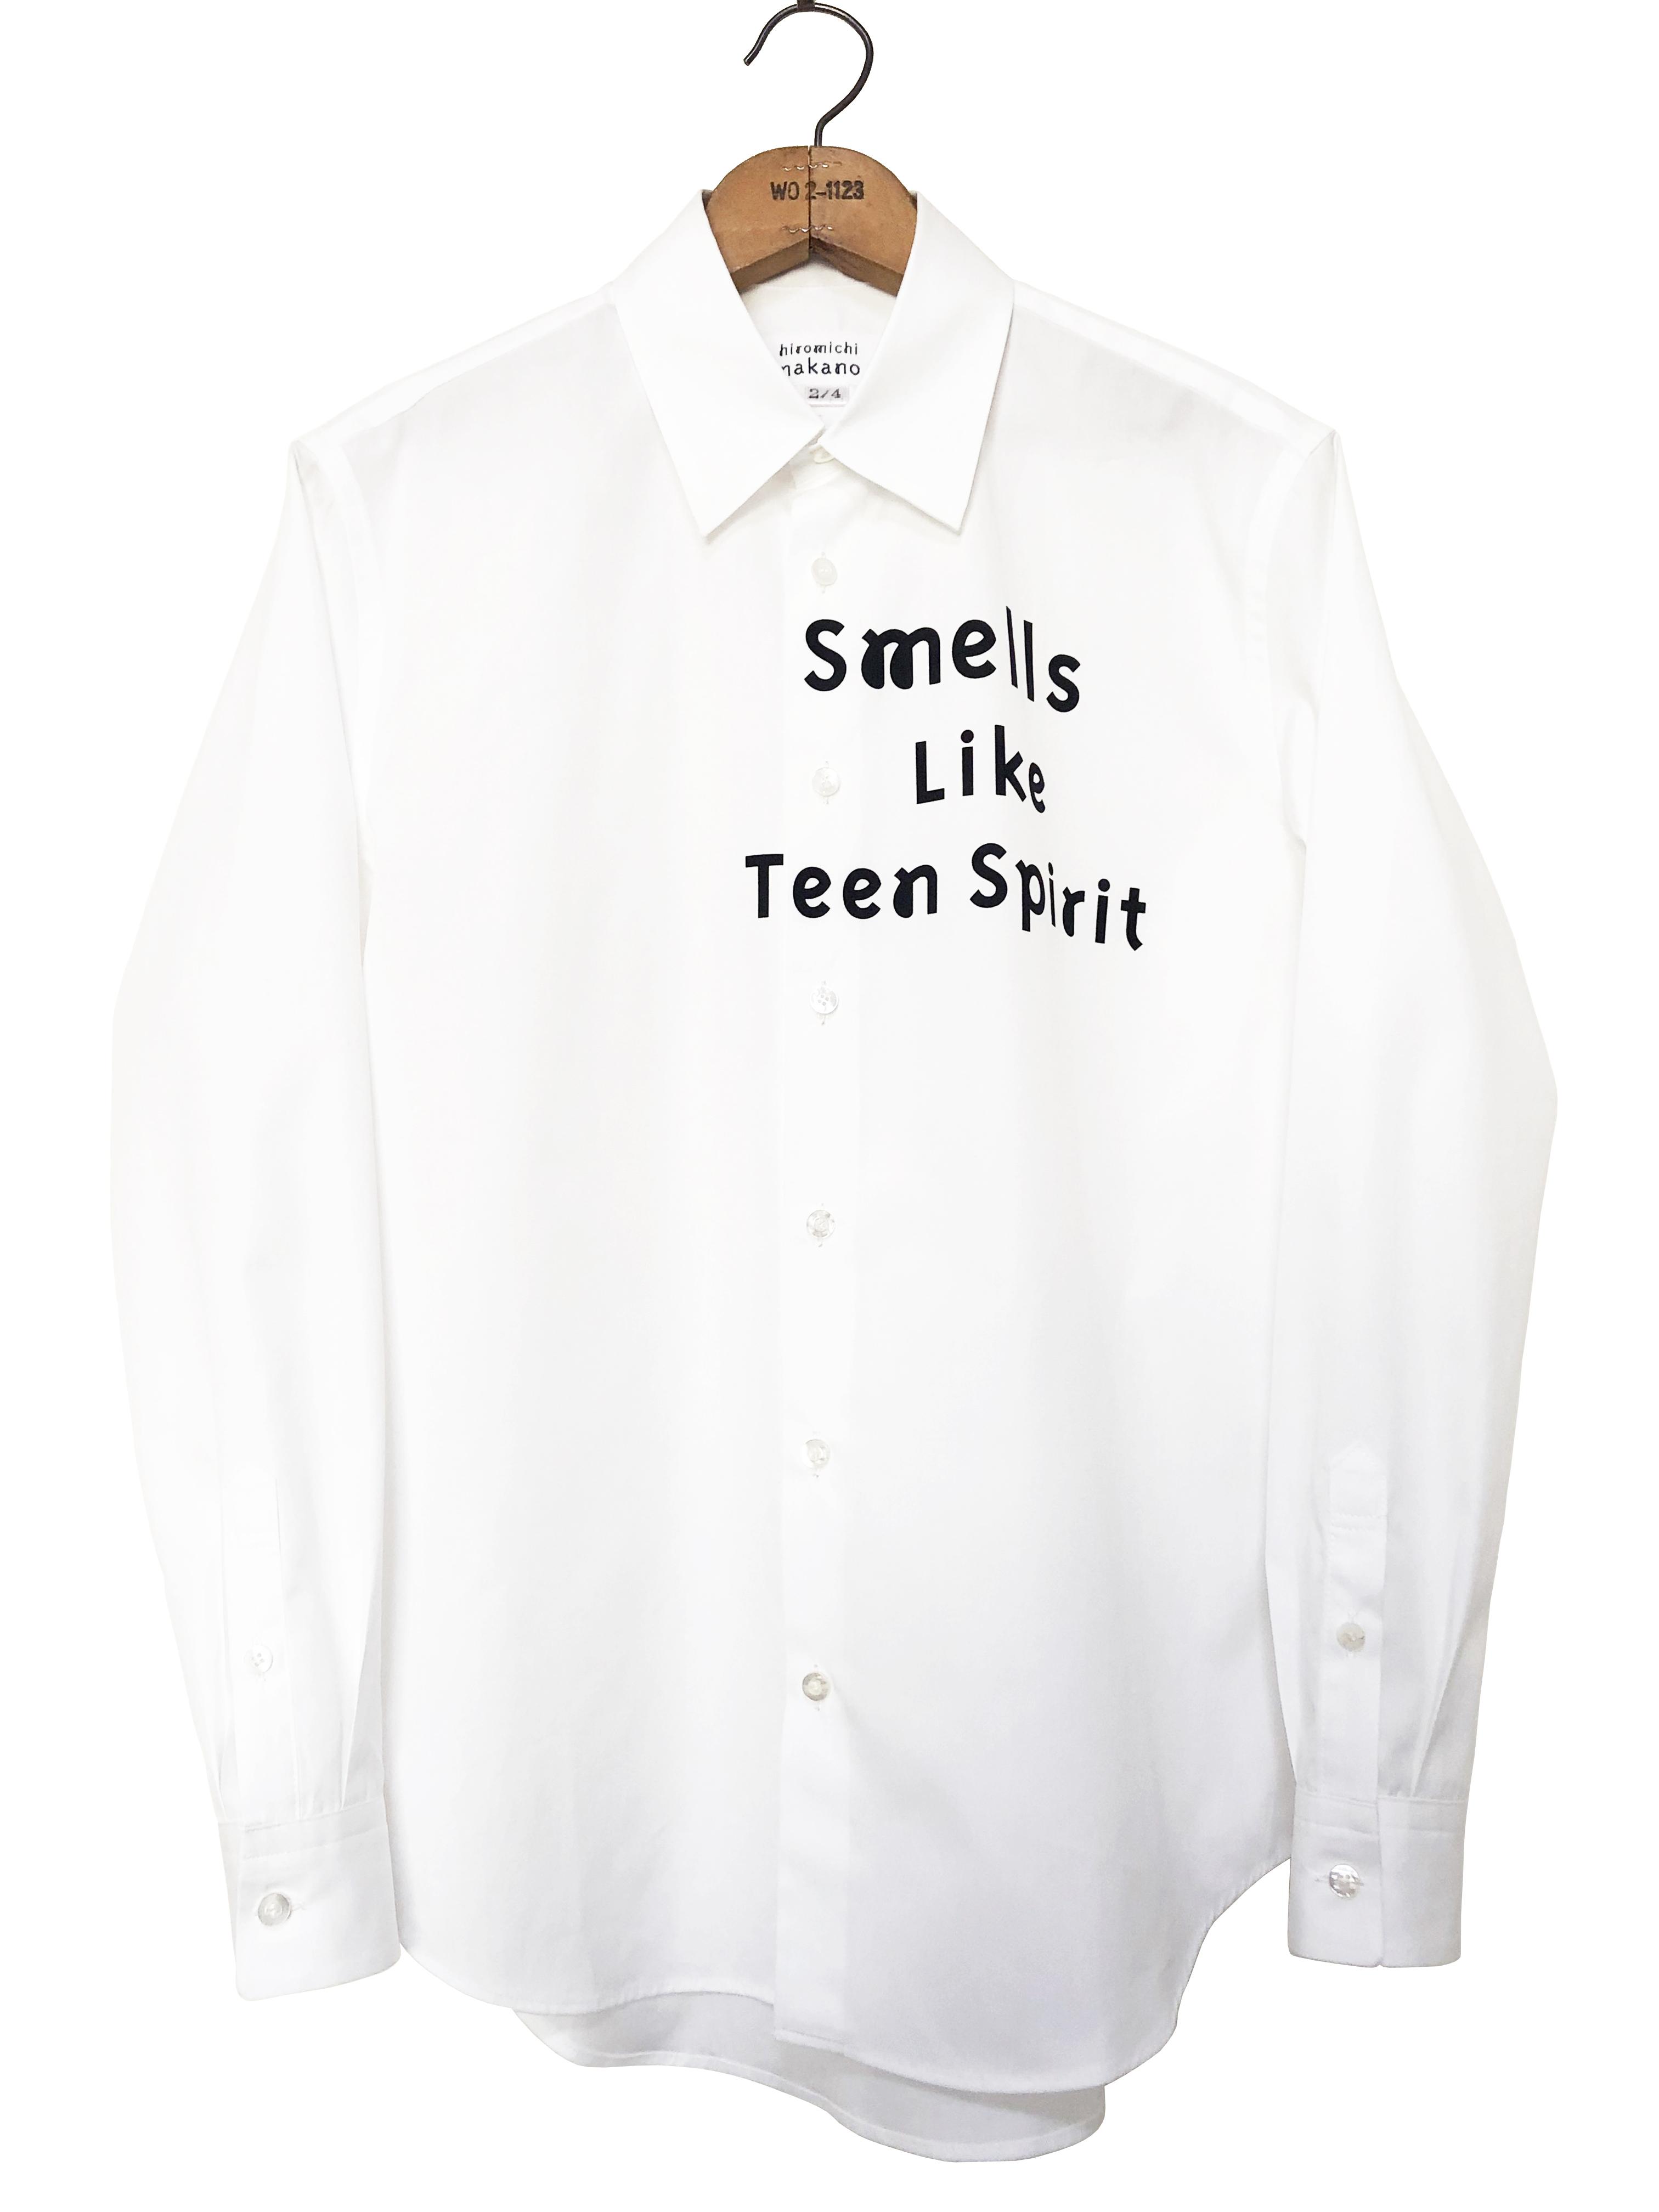 シャツ、ブロード、プリント、メンズ、ロゴ